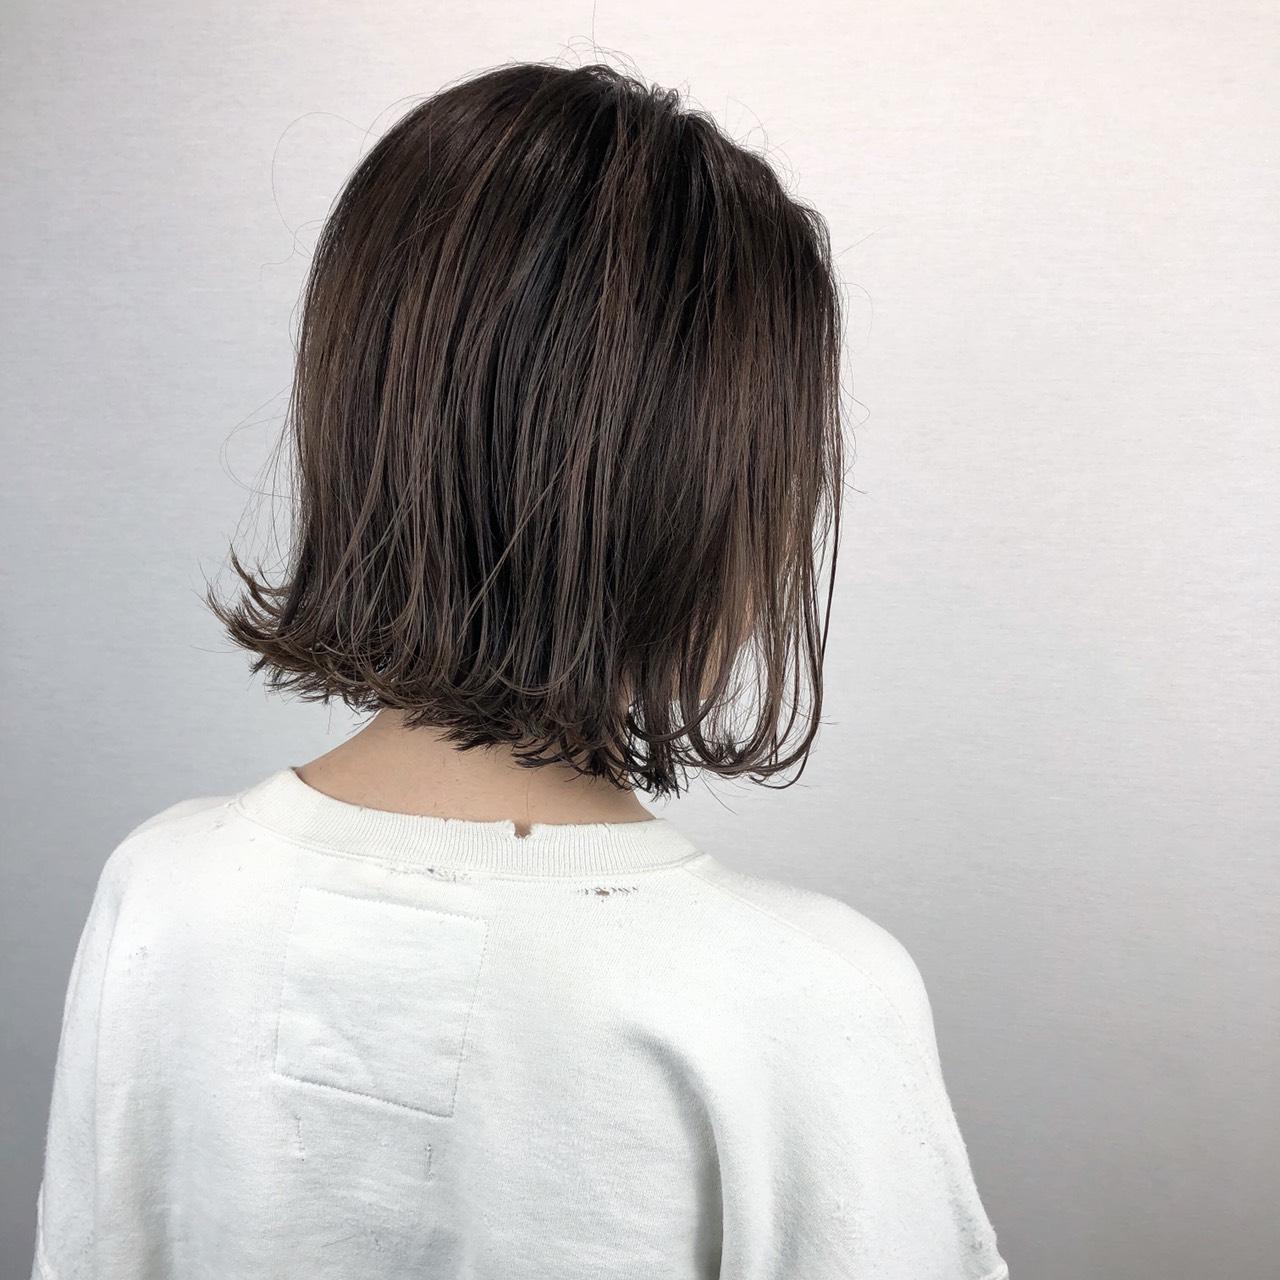 オーガニックにこだわり、頭皮・髪にもやさしいカラーです。大人世代のファン多数☆